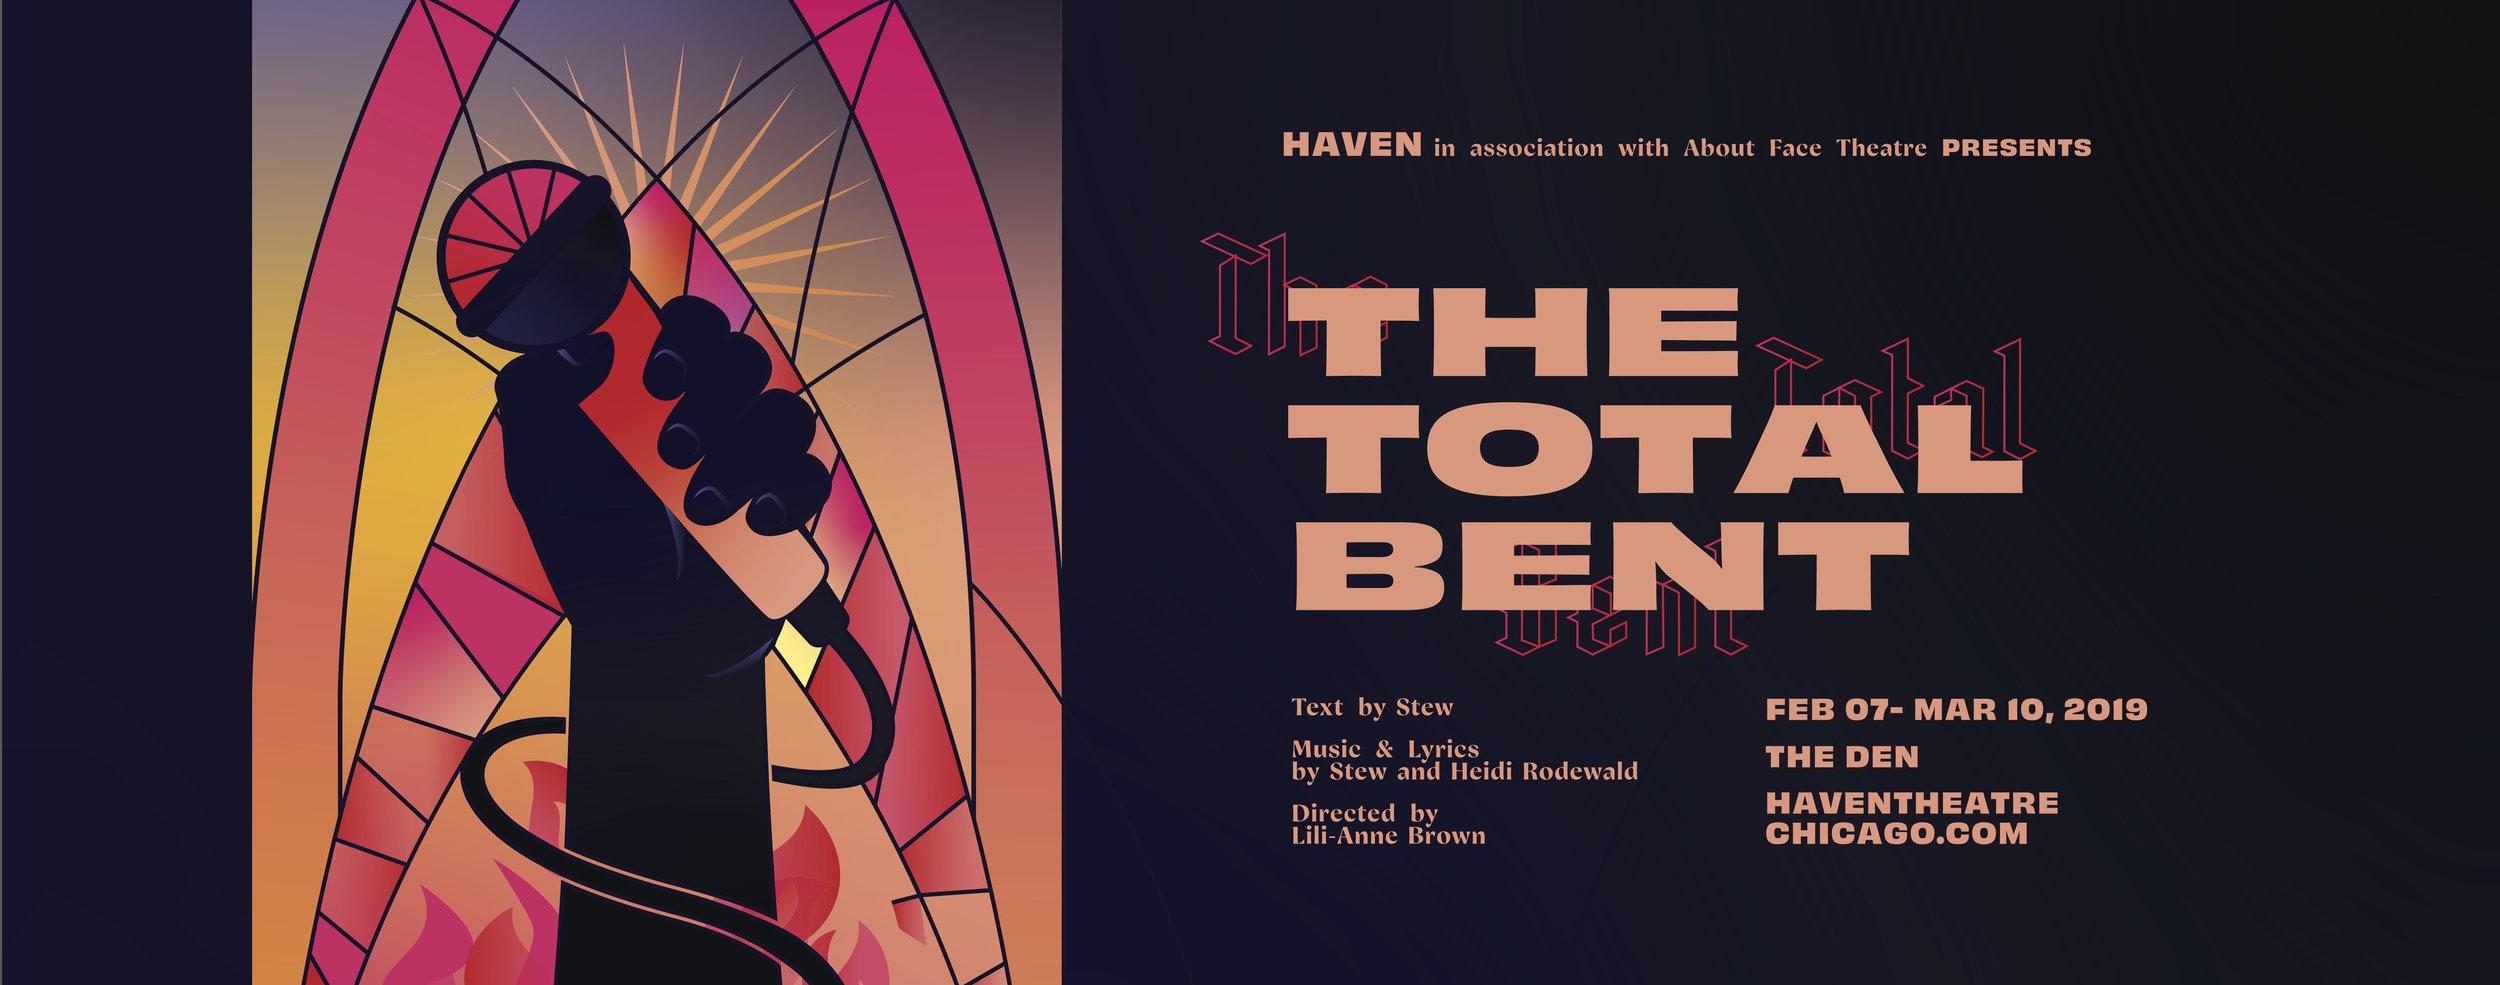 Haven_TotalBent_Flier.jpg